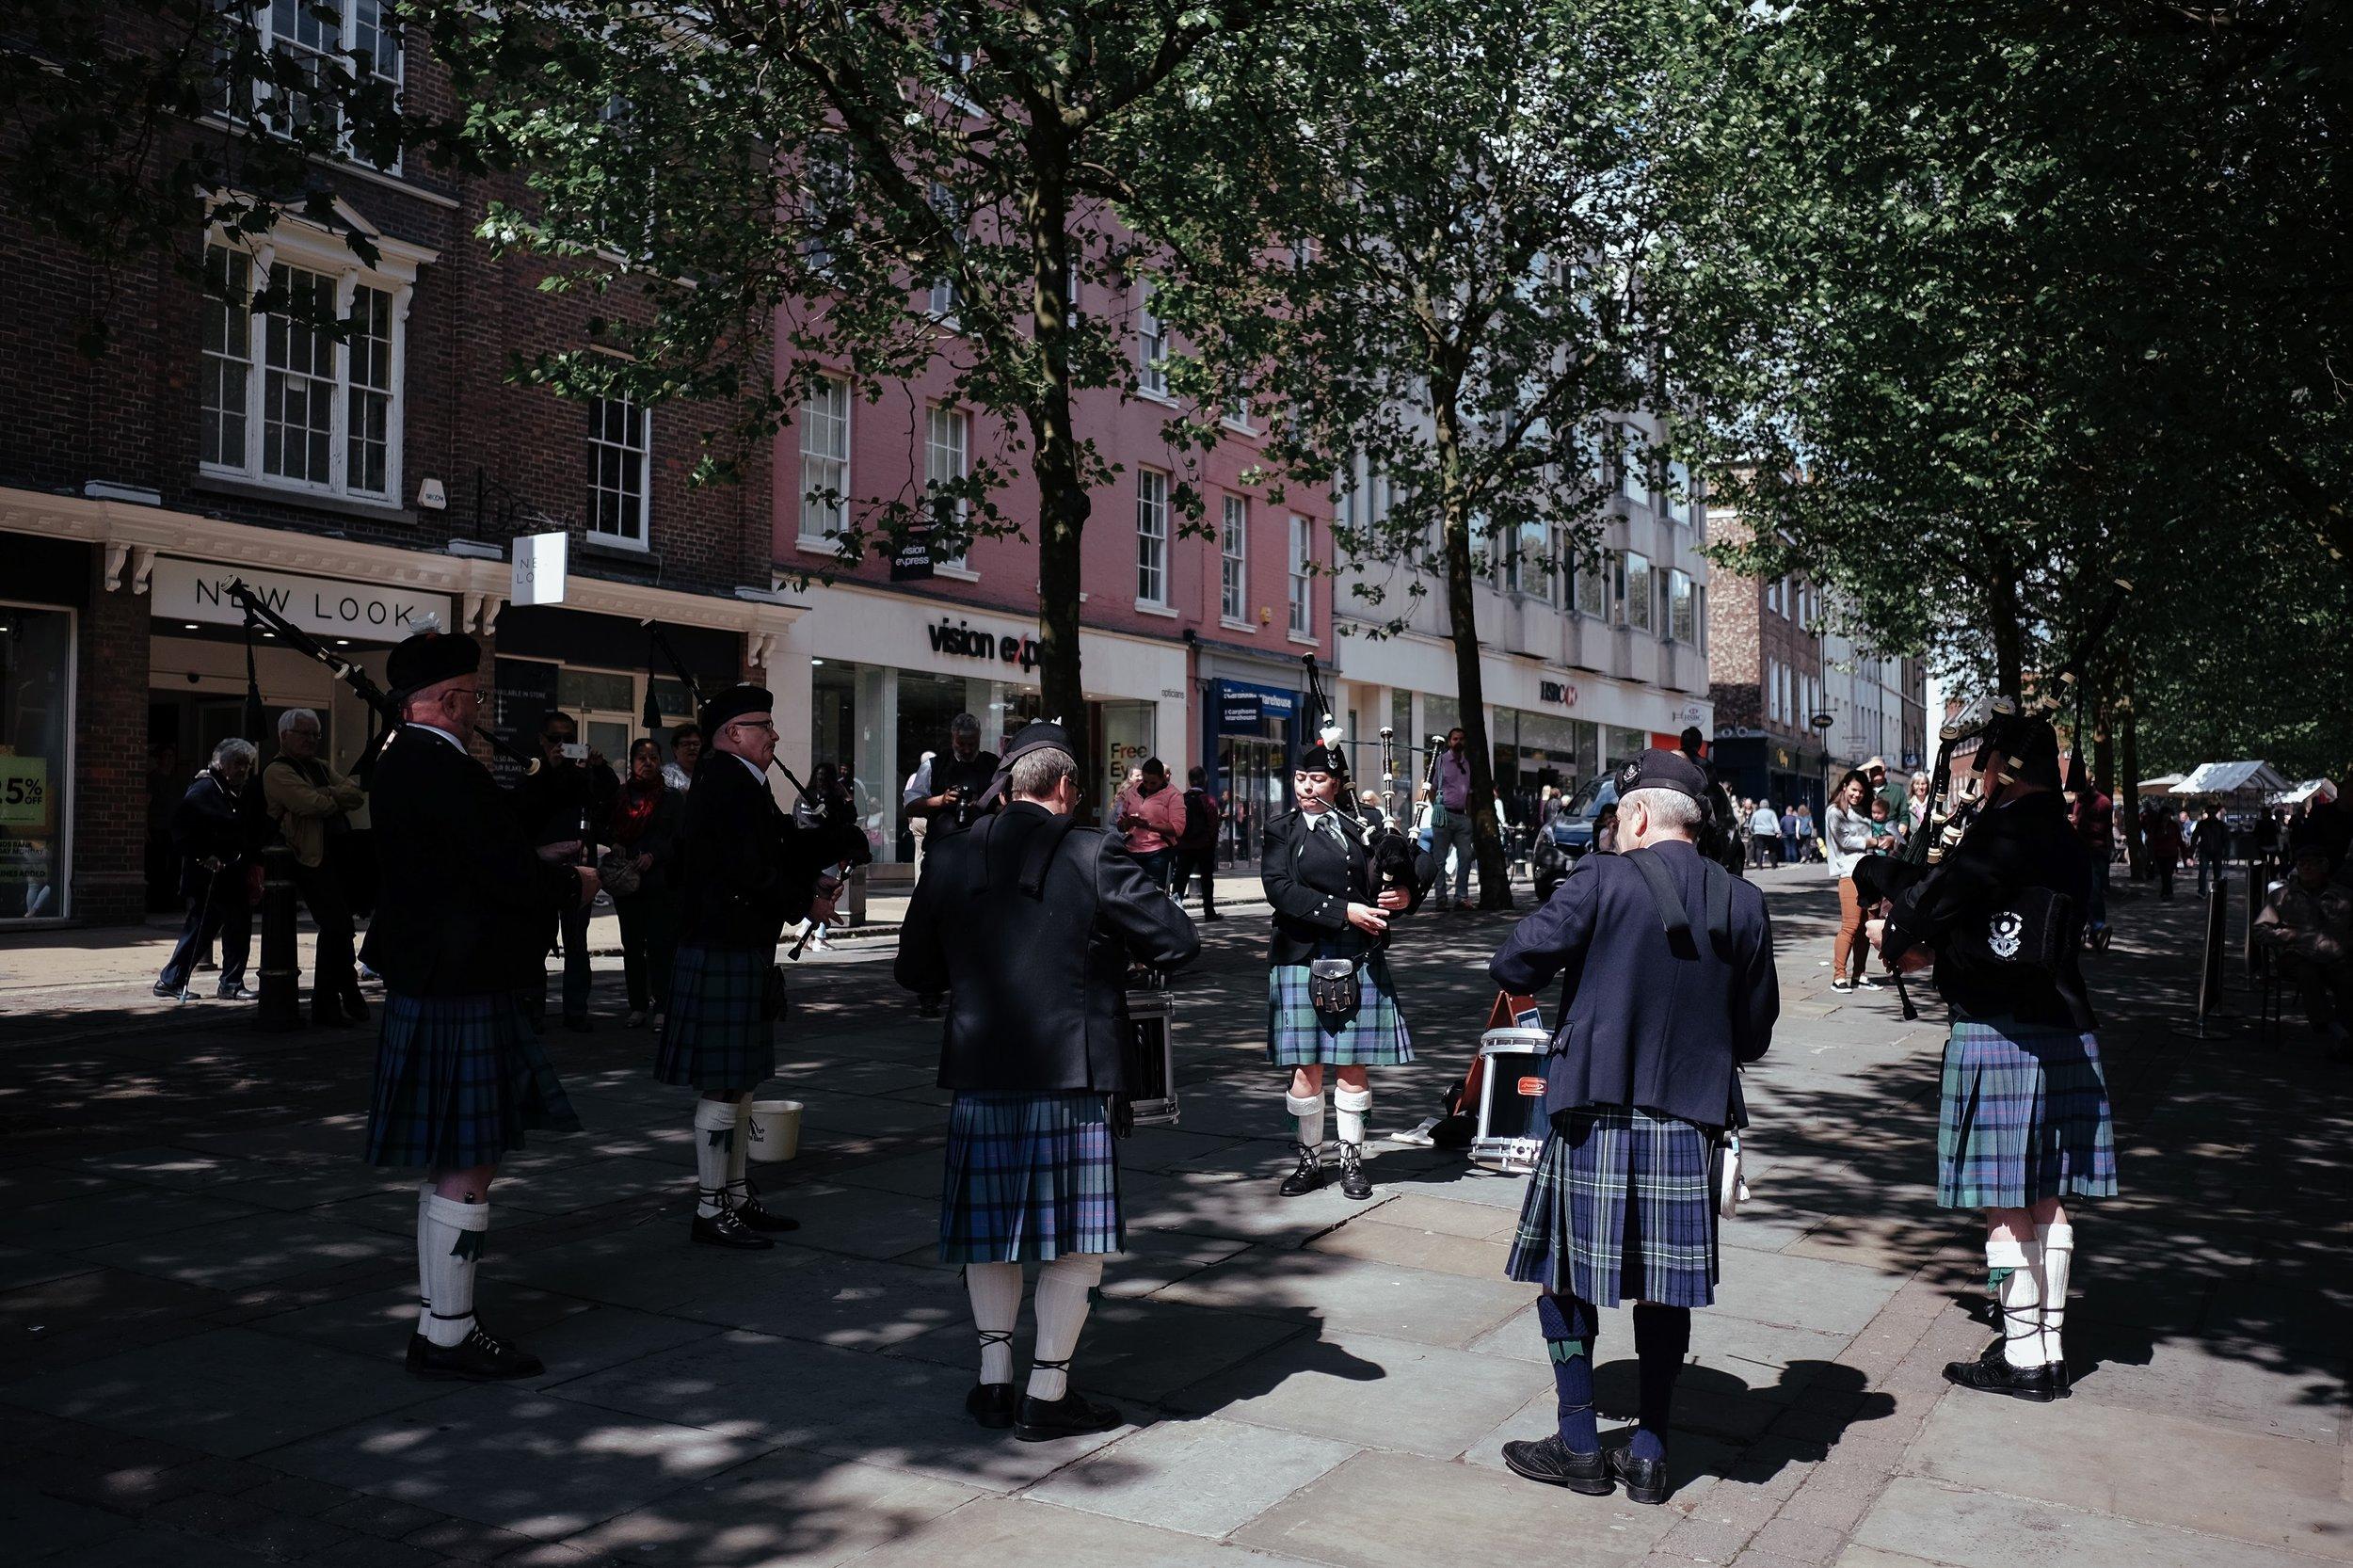 Day 11 Yorkto Manchester - York Shambles Market > York Minster > MediaCityUK